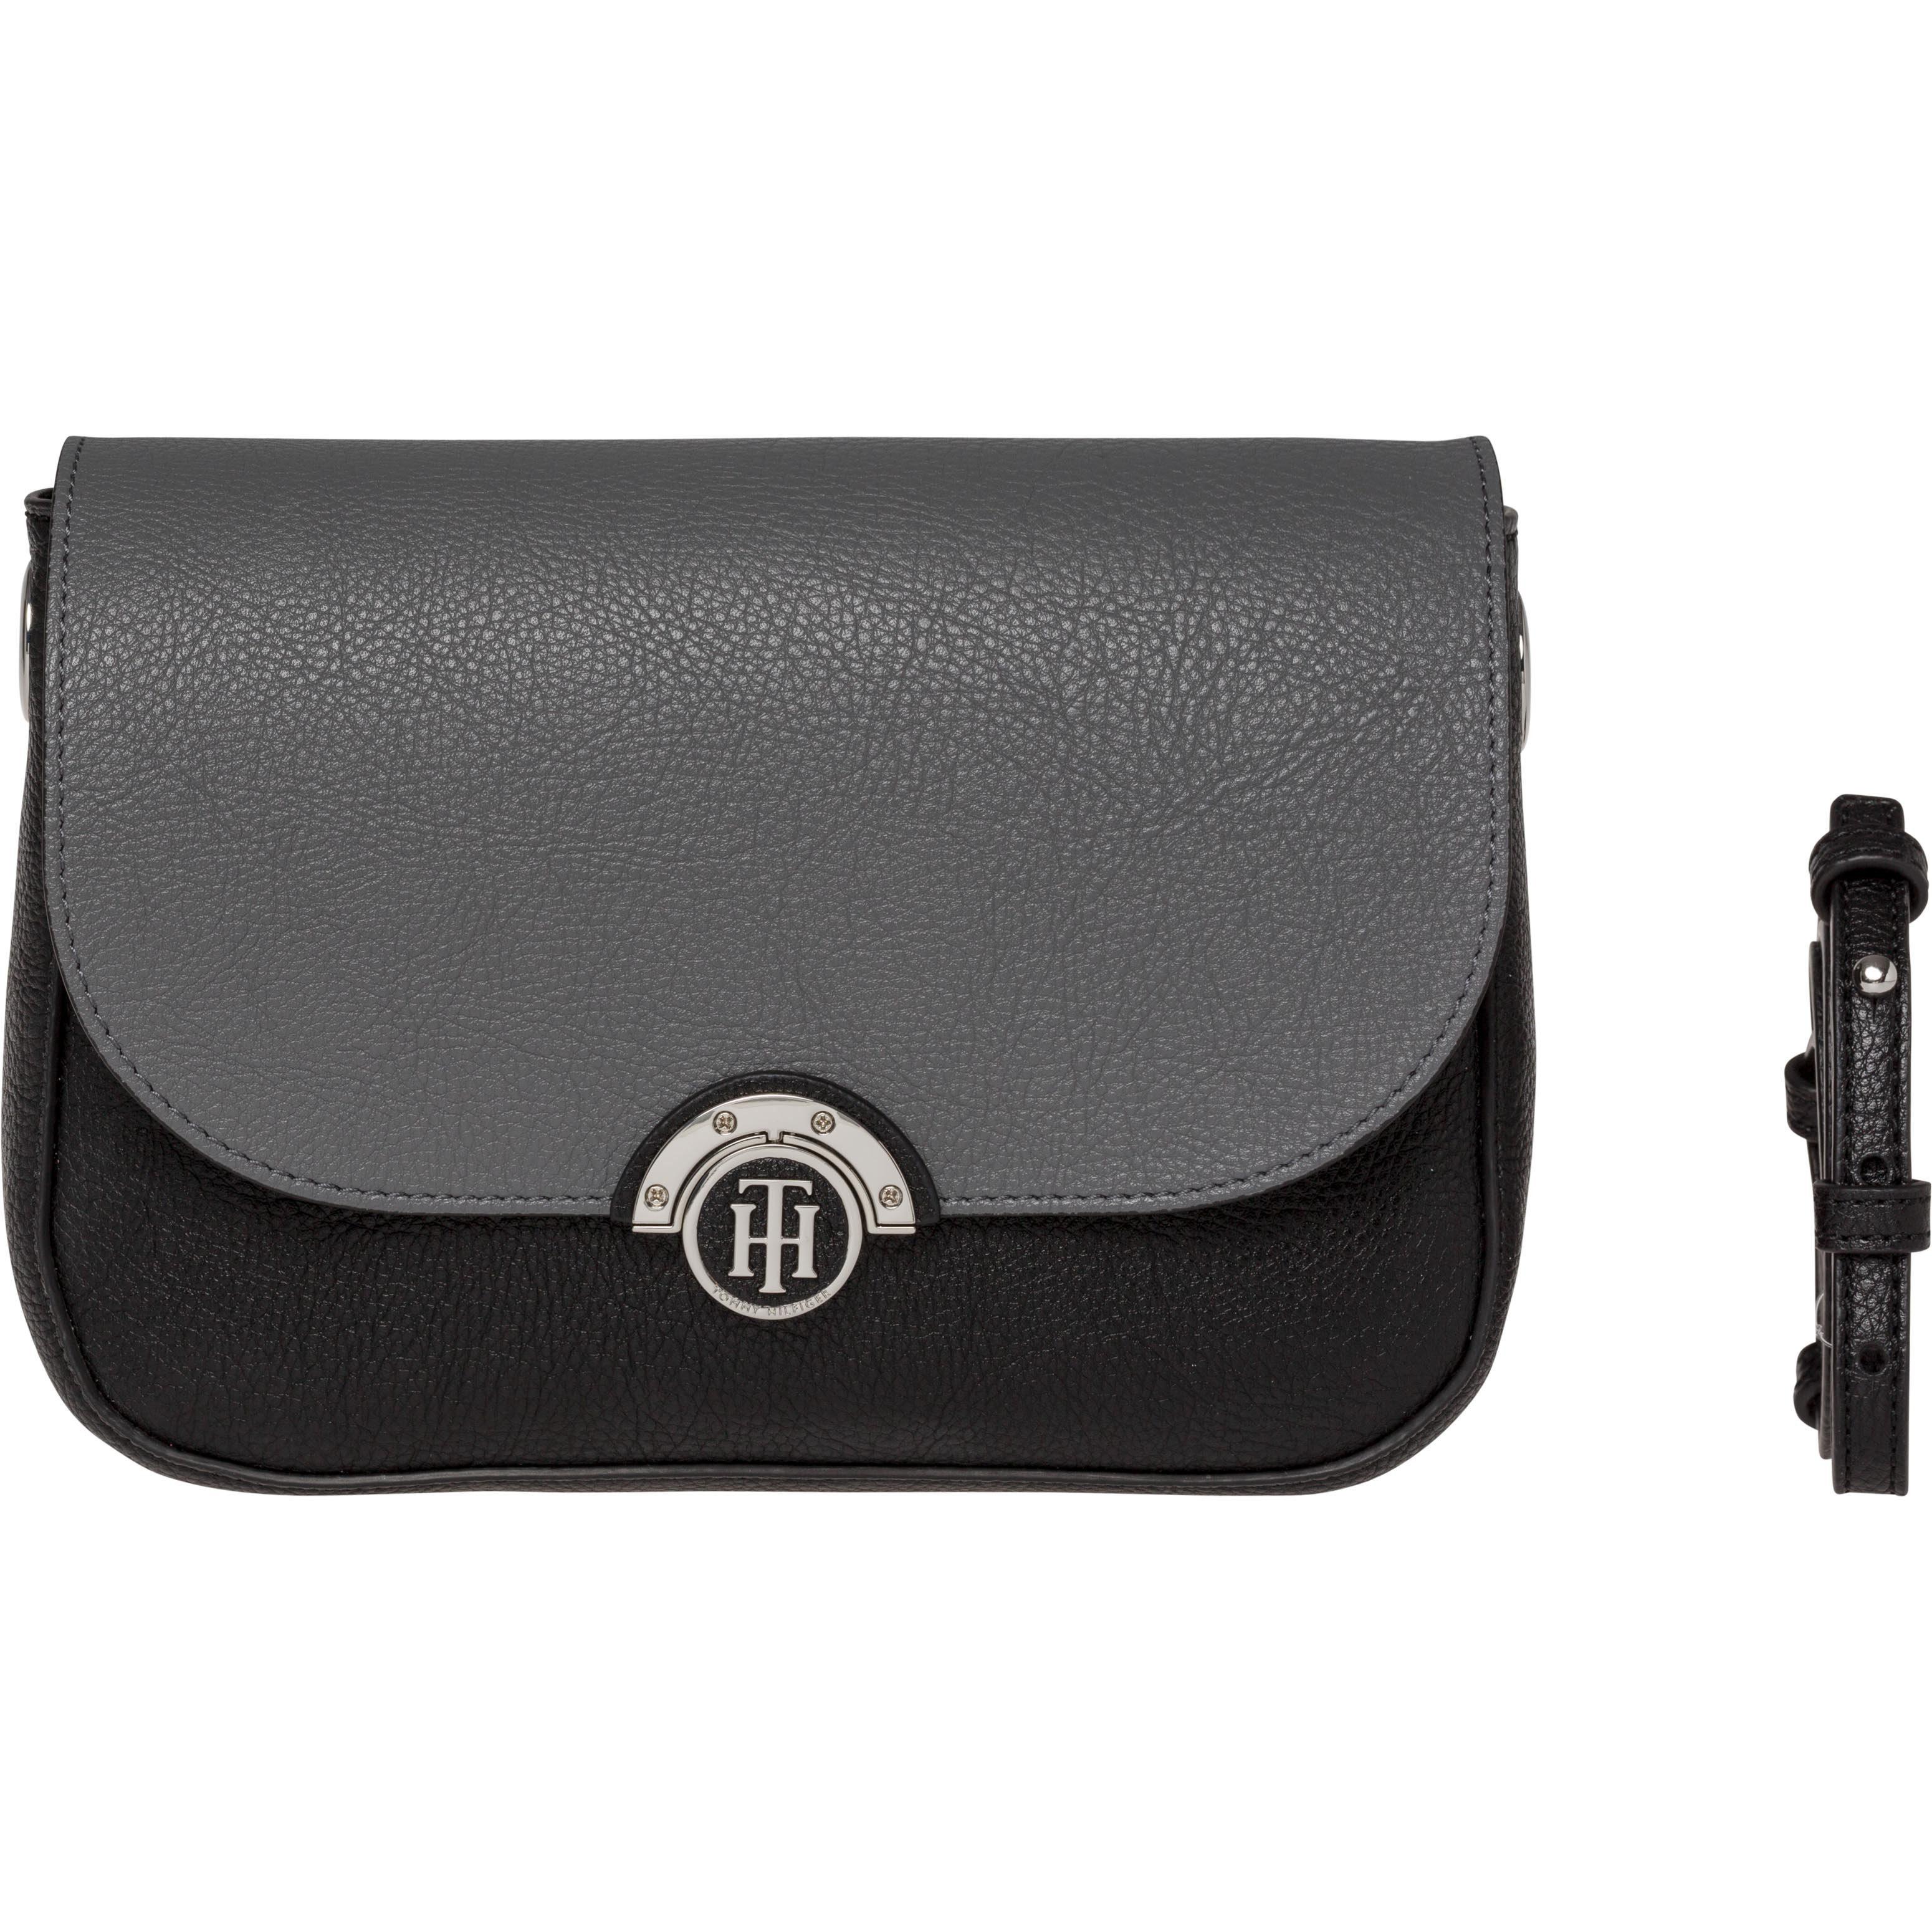 Tommy Hilfiger Handtaschen »EFFORTLESS NOVELTY FLAP CROSSOVER«